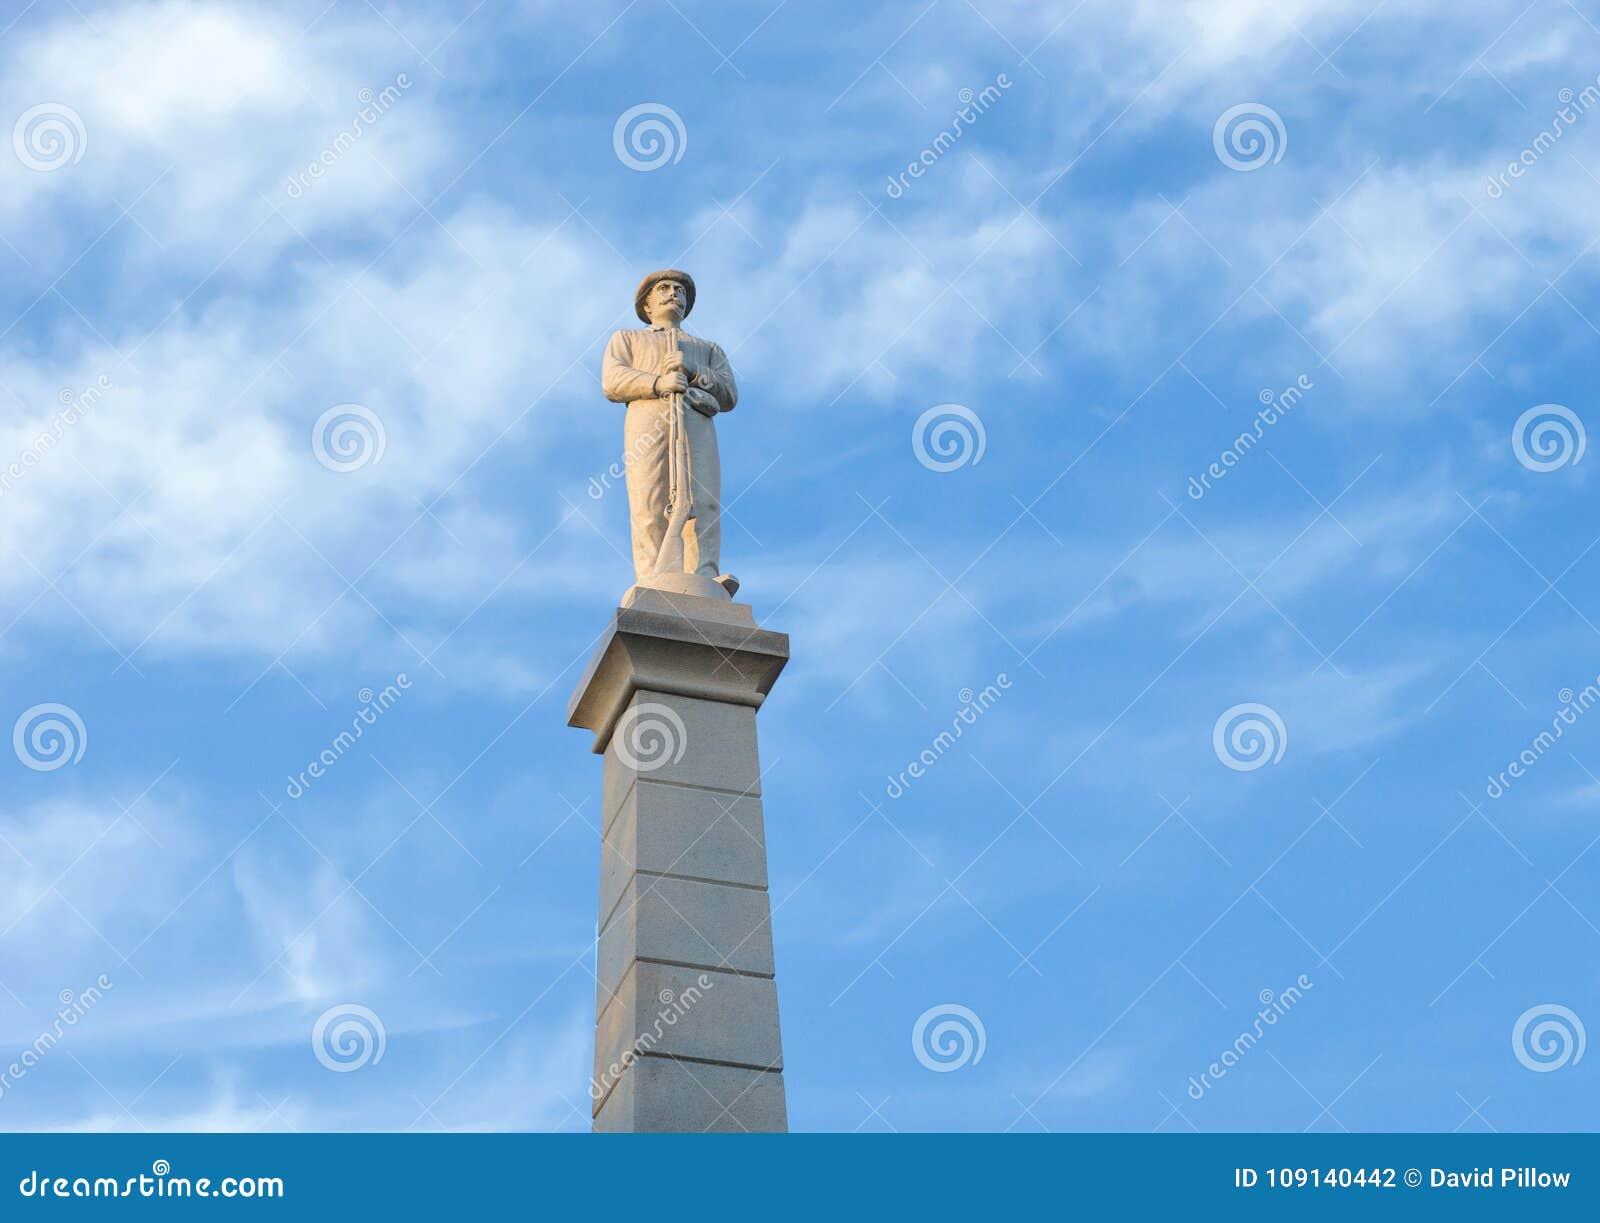 Estátua de um soldado confederado, o memorial de guerra confederado em Dallas, Texas